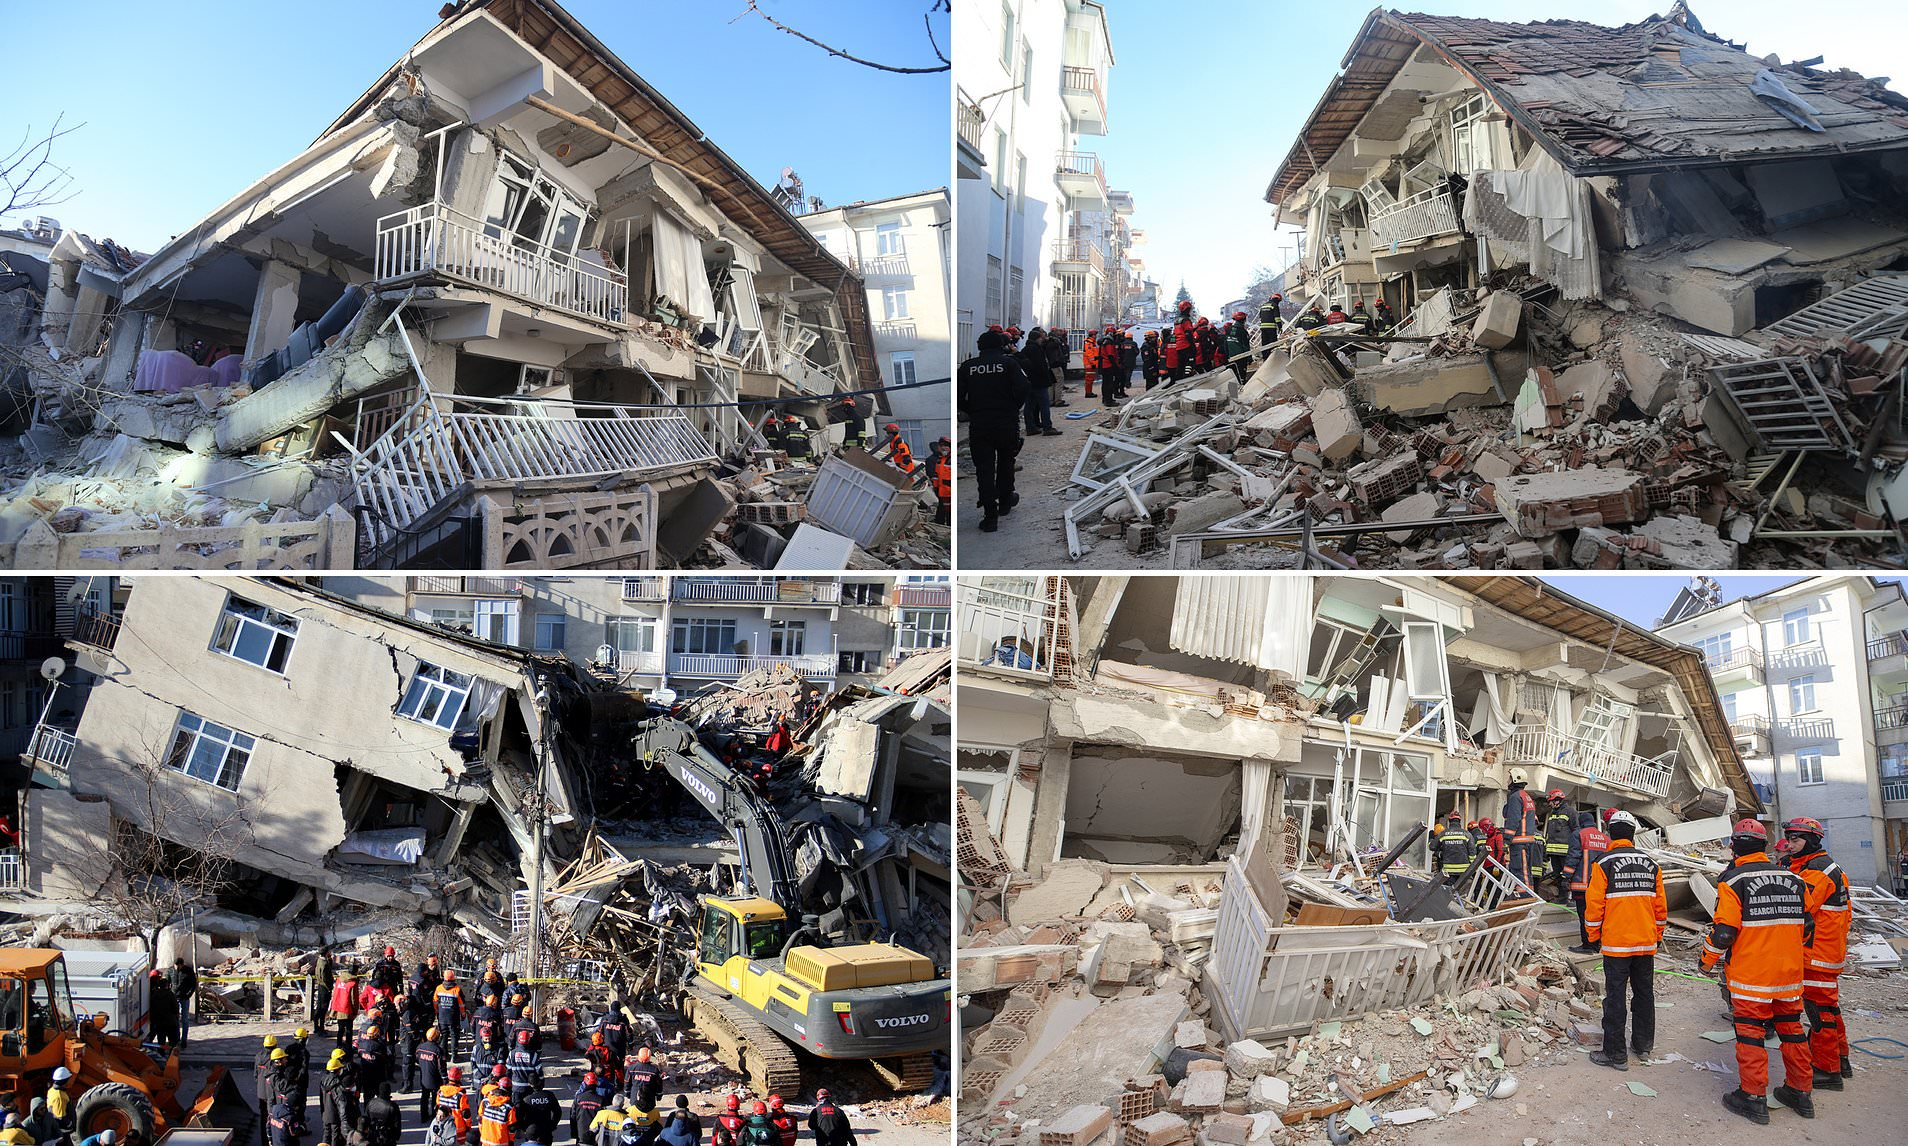 Tërmeti në Turqi, shkon në 22 numri i të vdekurve, mbi 1 mijë të plagosur (Foto dramatike) - Gazeta Mapo